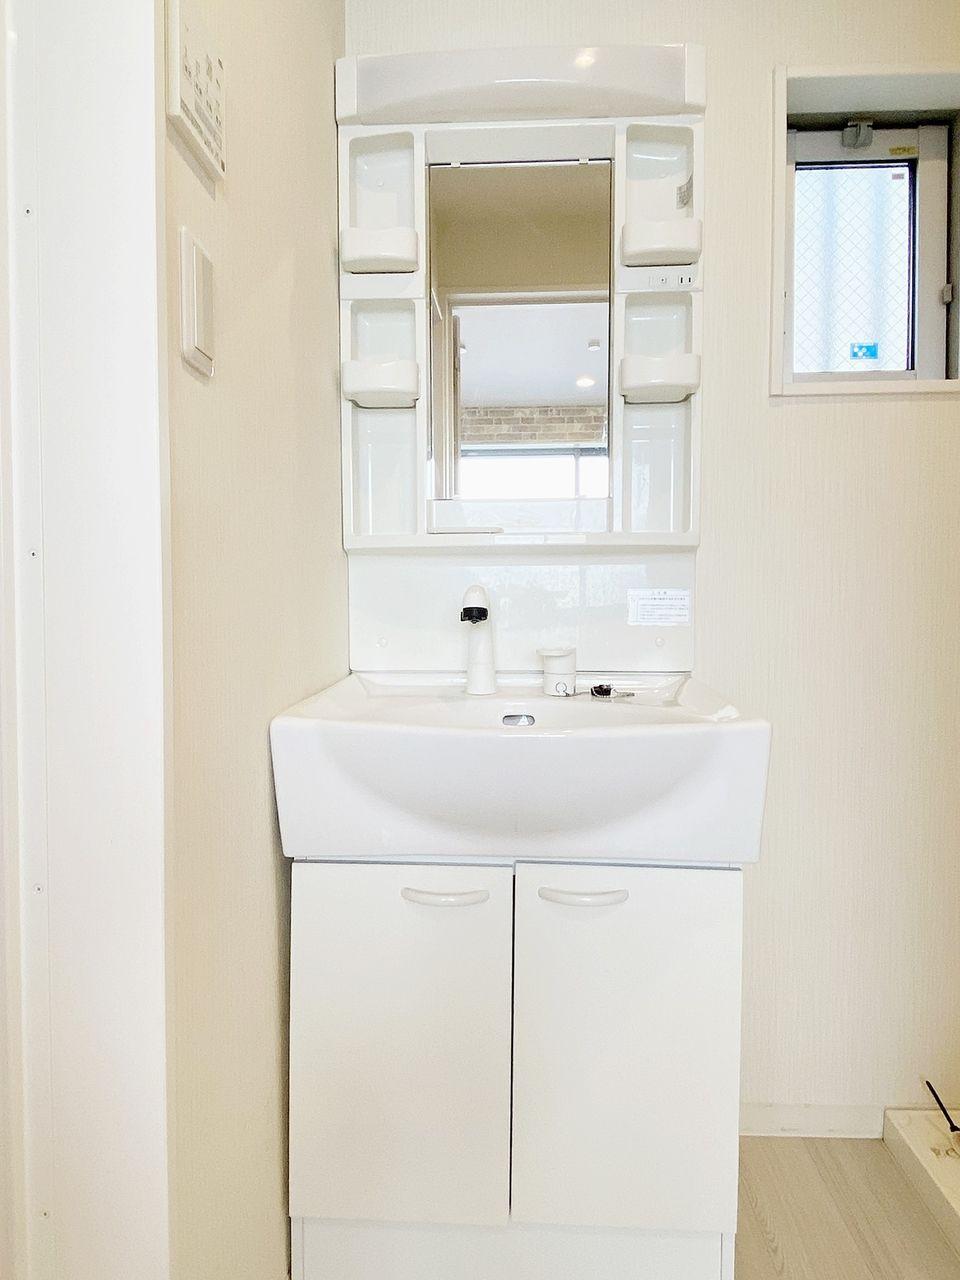 豊島区千早の賃貸マンション オーレ池袋西102号室 脱衣所に独立洗面台あります